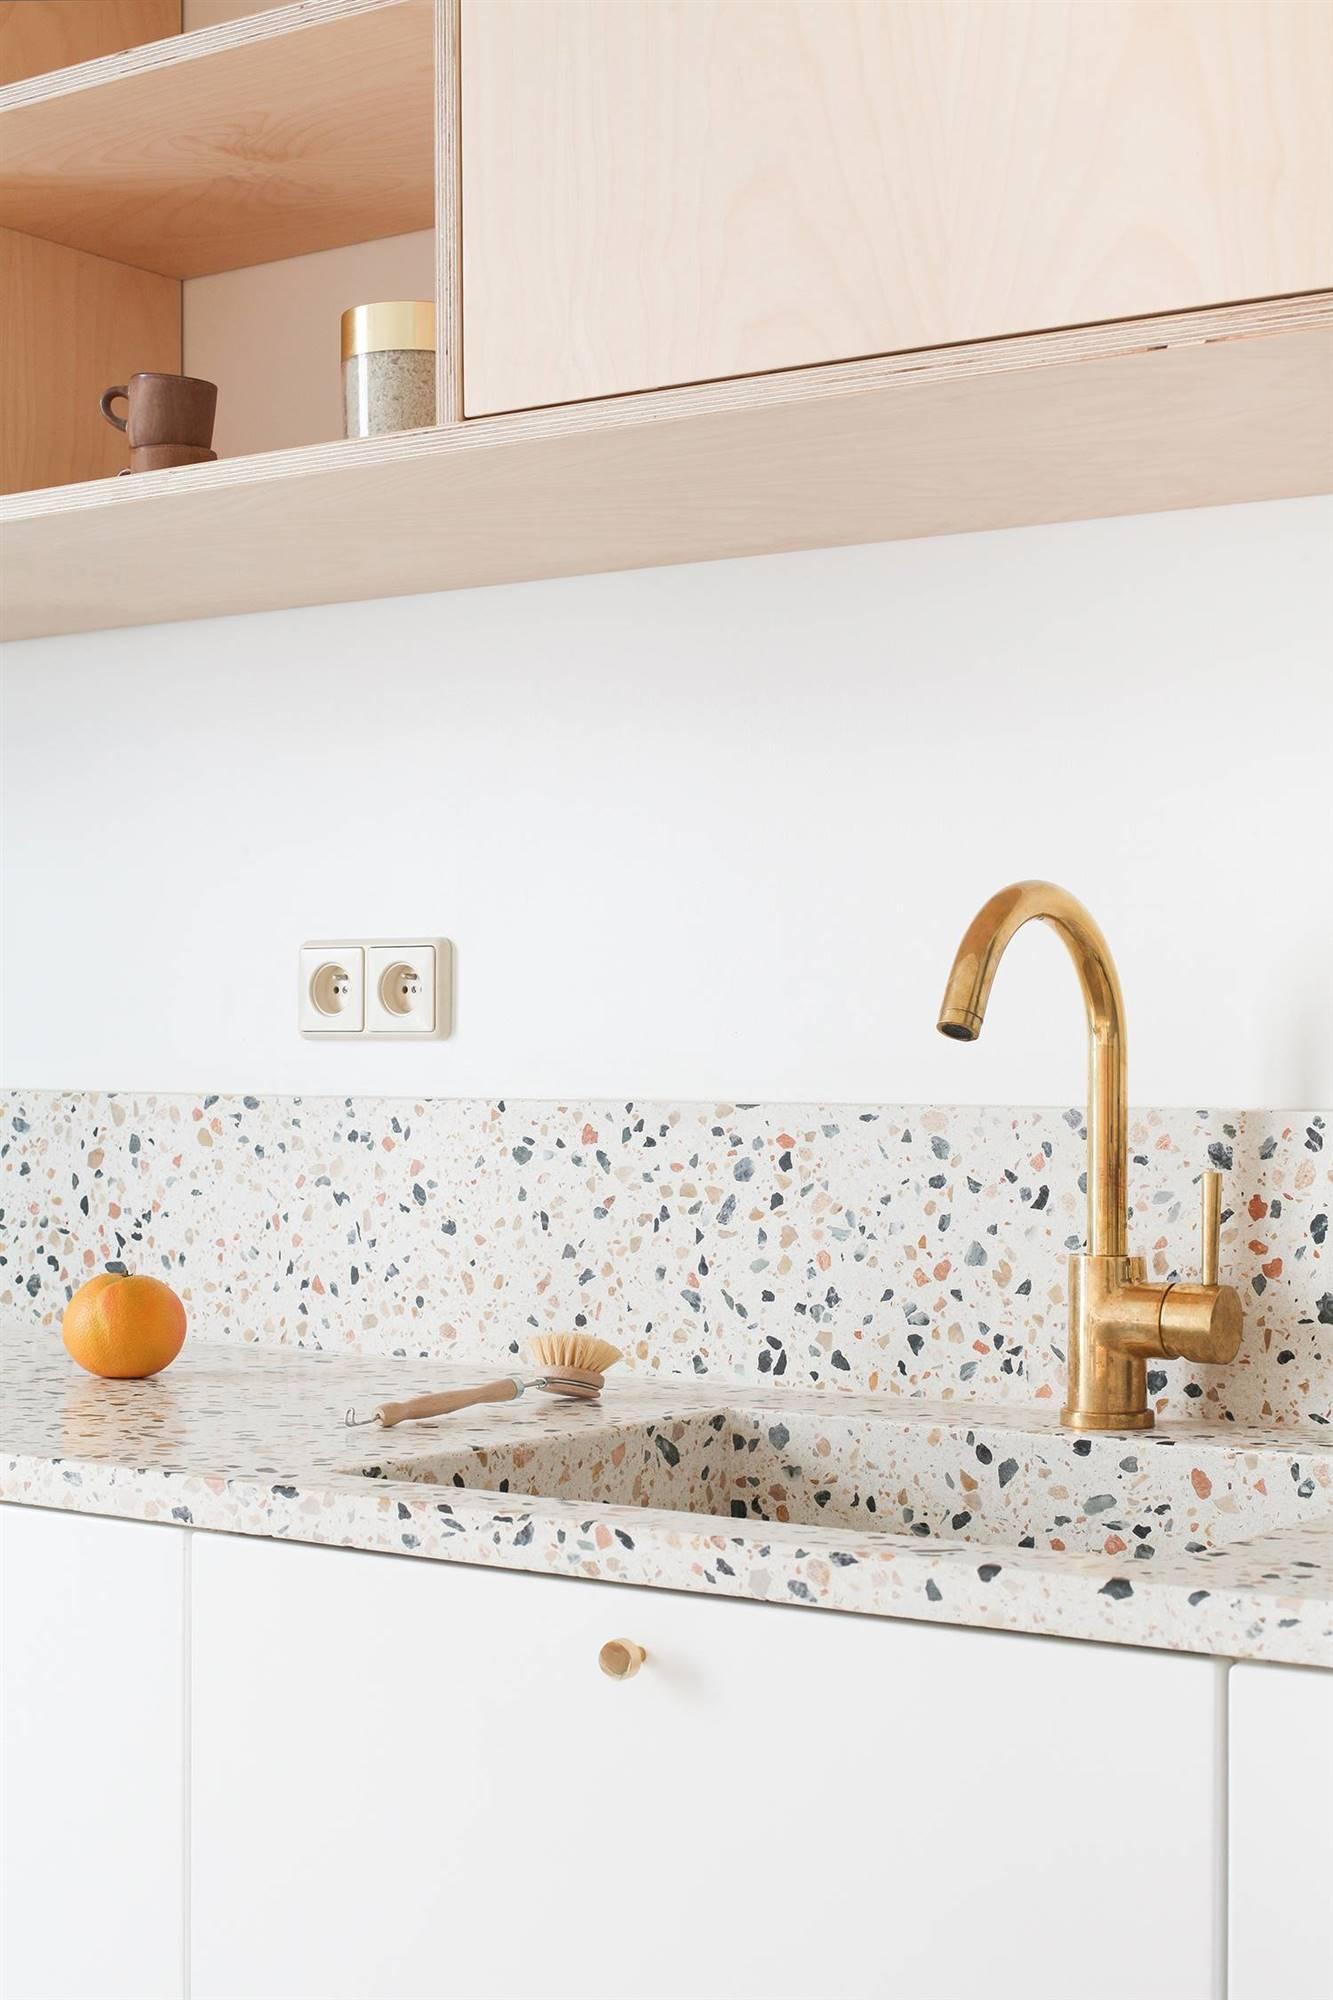 cocina-con-encimera-y-alzapanos-de-terrazo-en-tonos-rosas_09c9d029_1333x2000.jpg